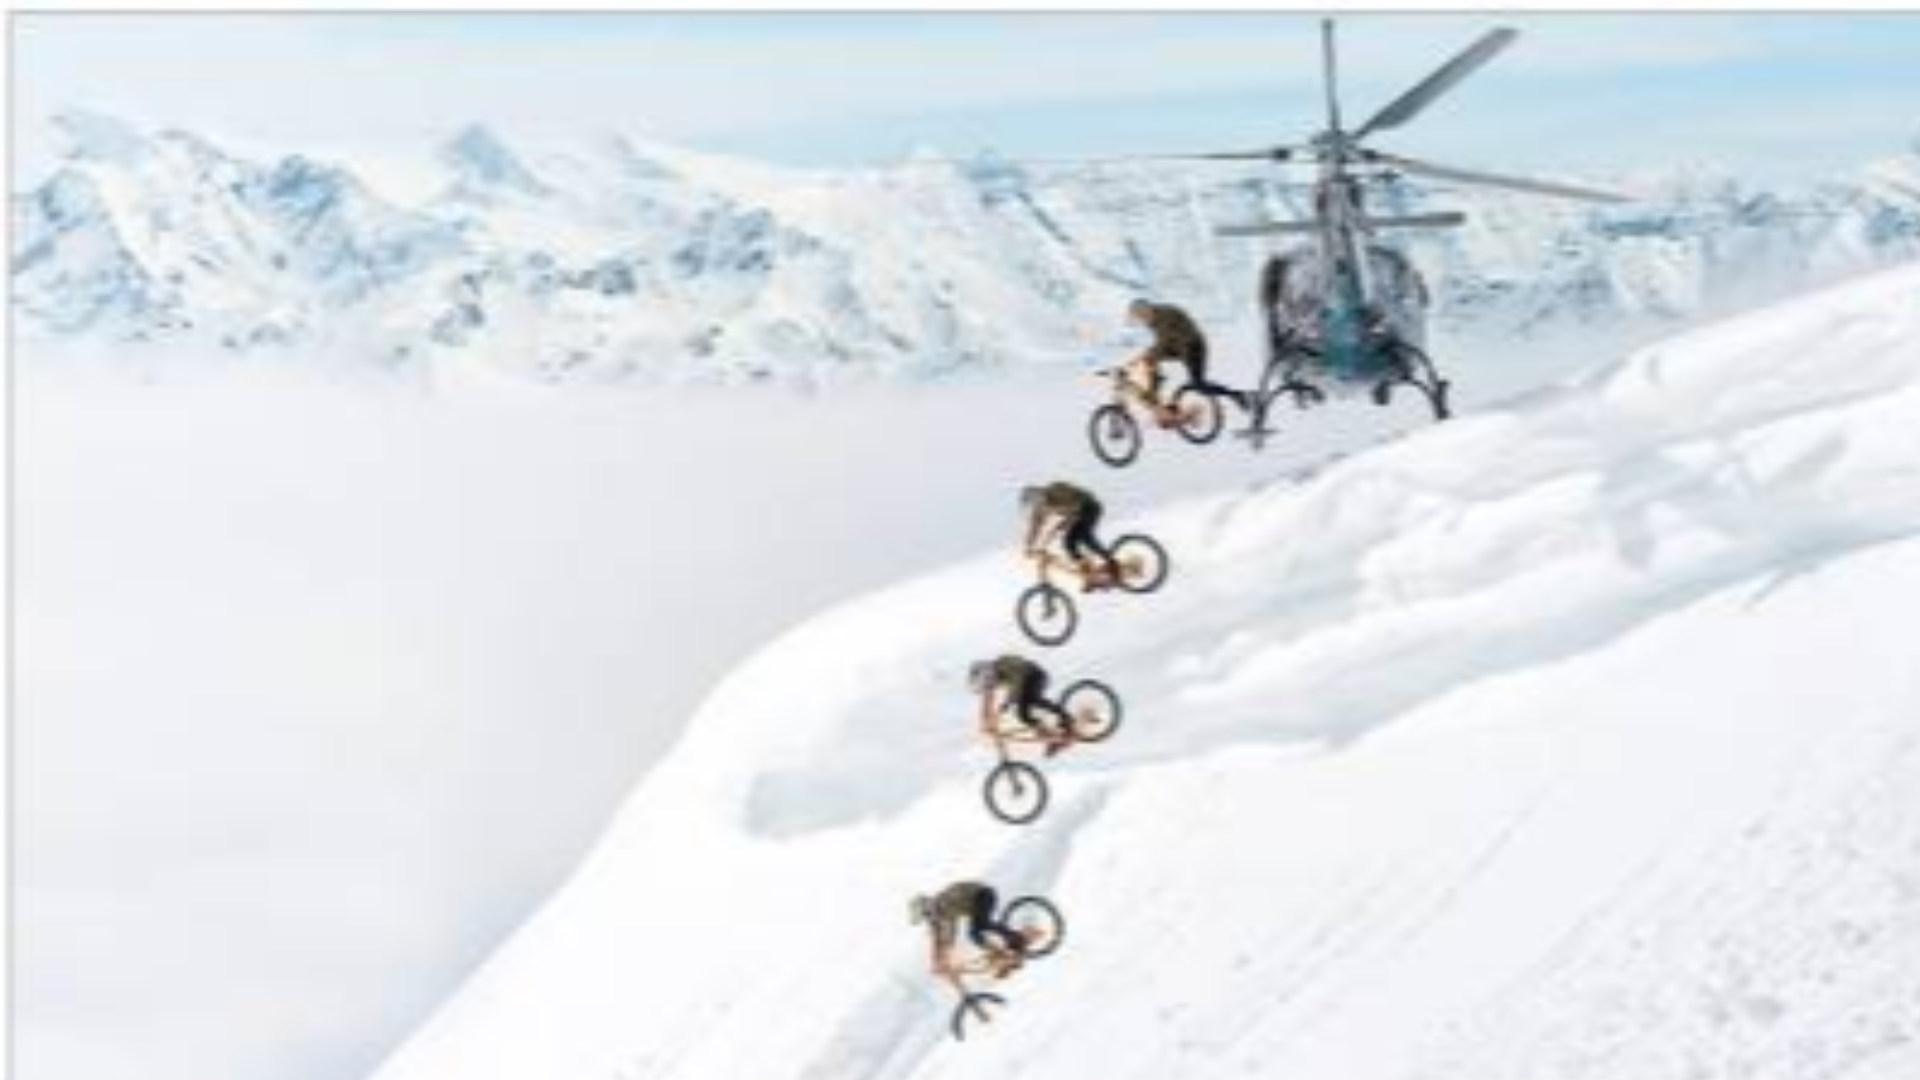 刺激!搭直升机到雪山顶,骑自行车速降下山!